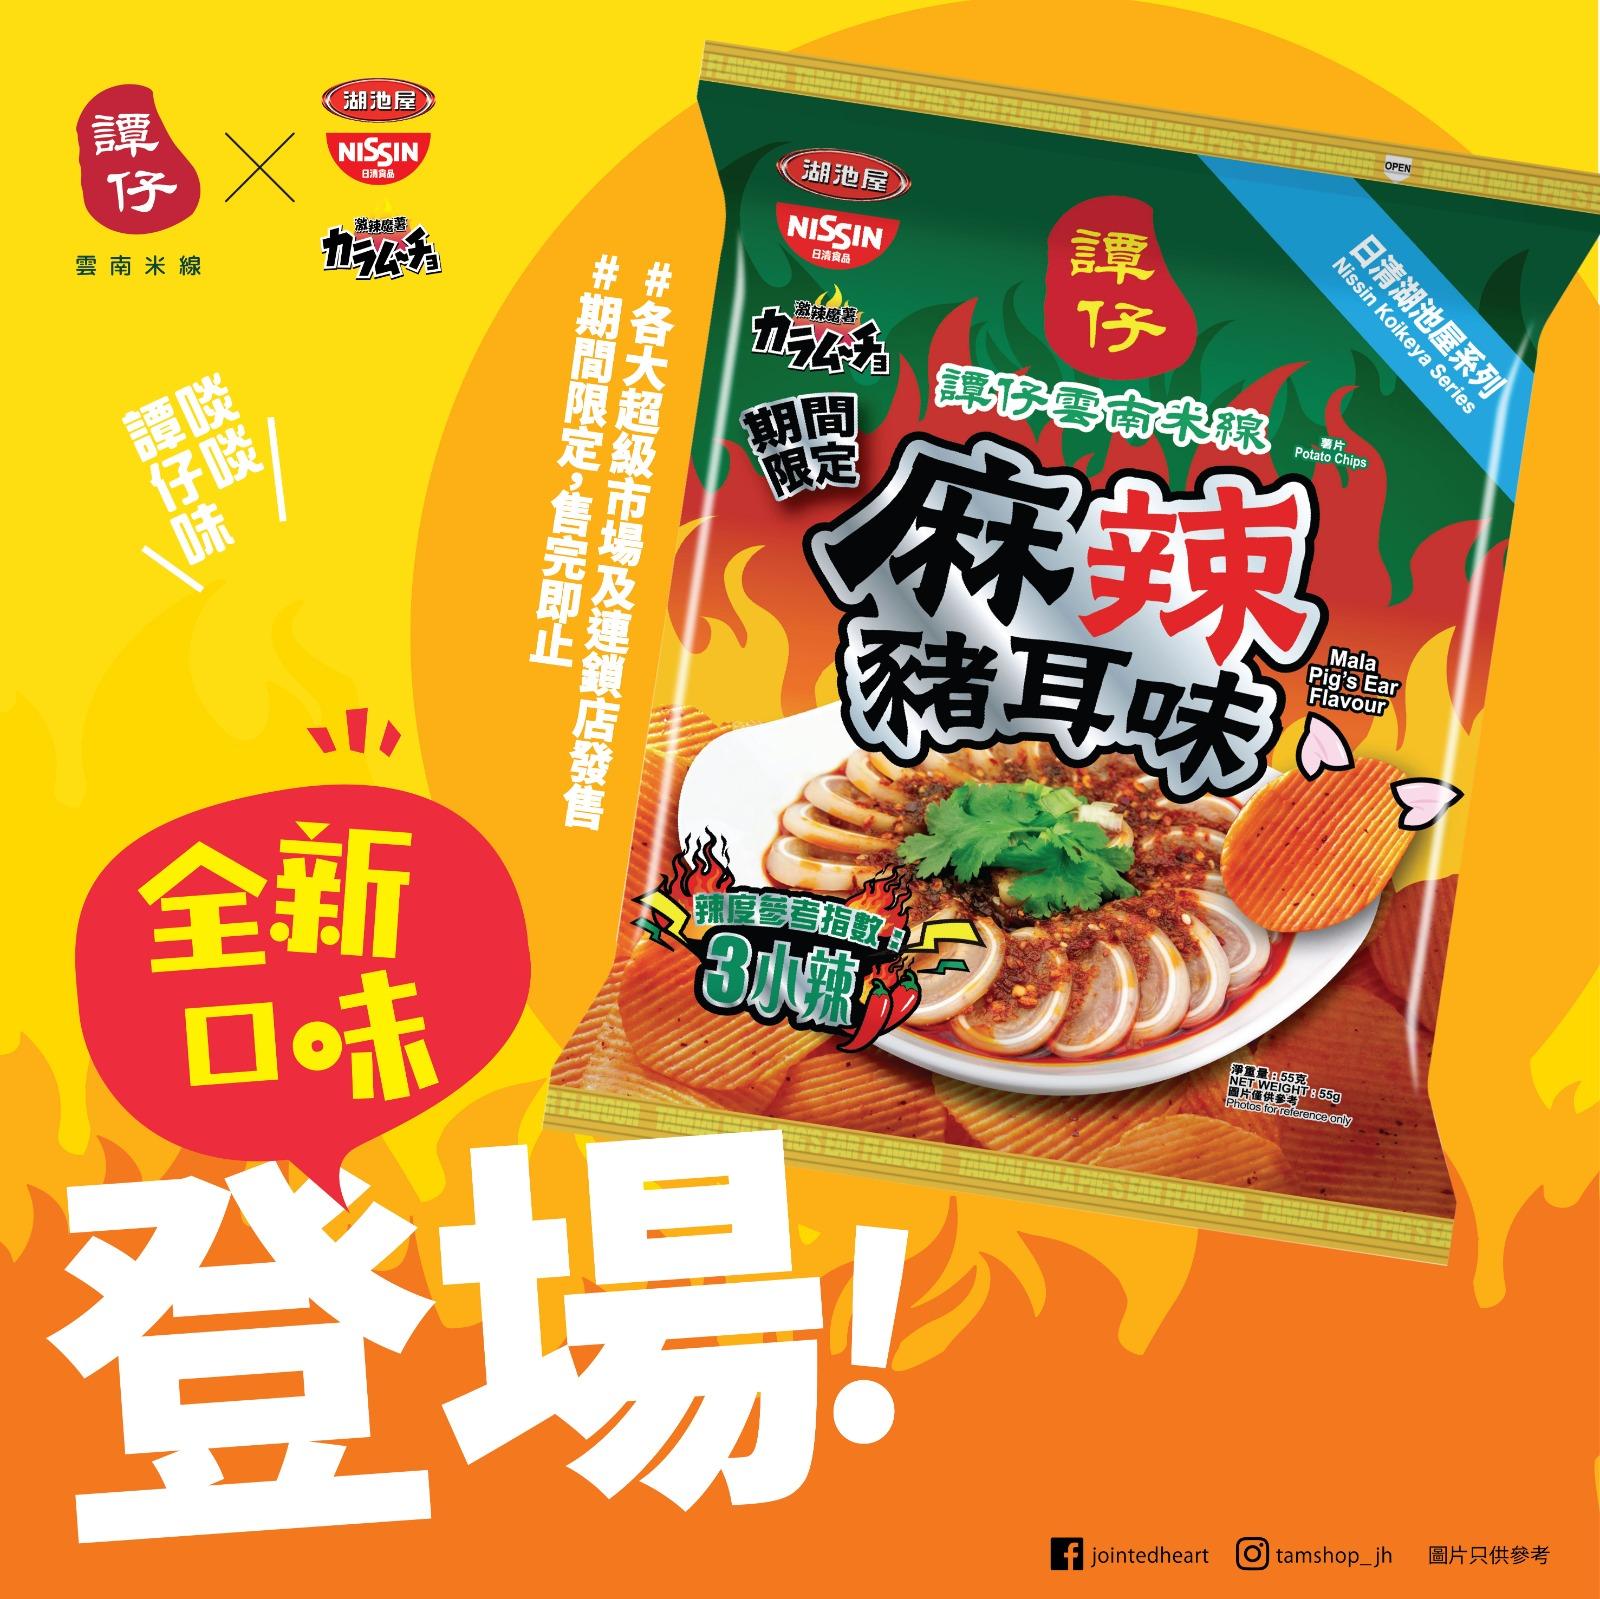 譚仔麻辣豬耳味薯片